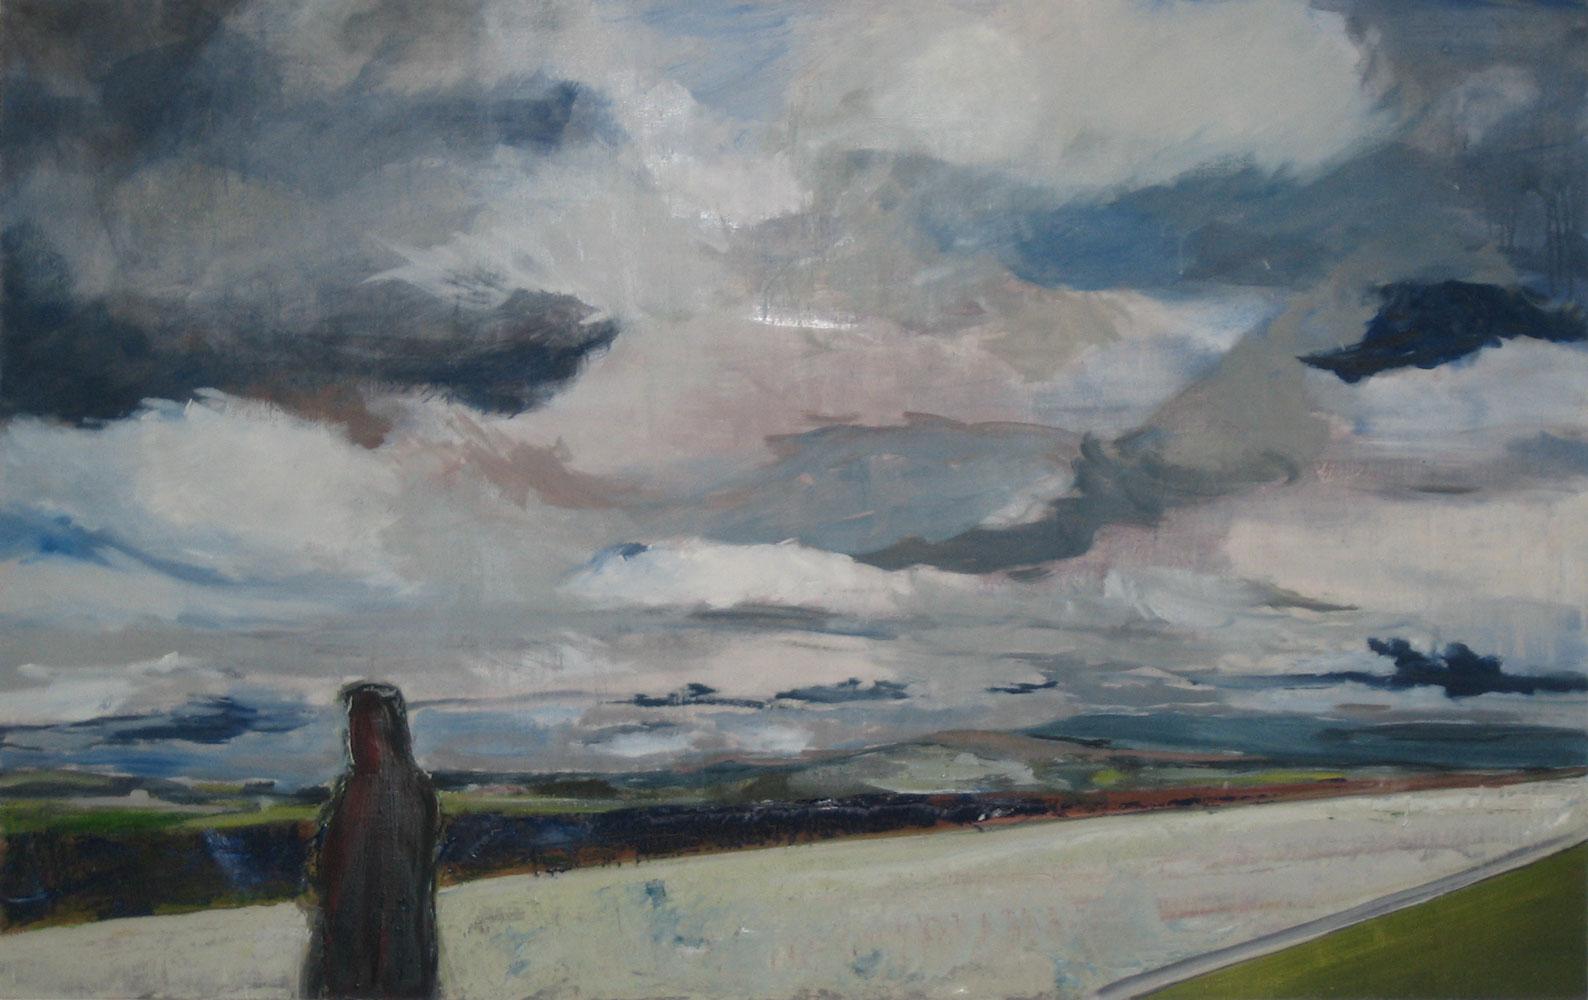 Ein Mann in Rückenansicht steht am linken Bildrand und schaut in eine abendlich, blaugrüne weite wolkenverhangene Ebene